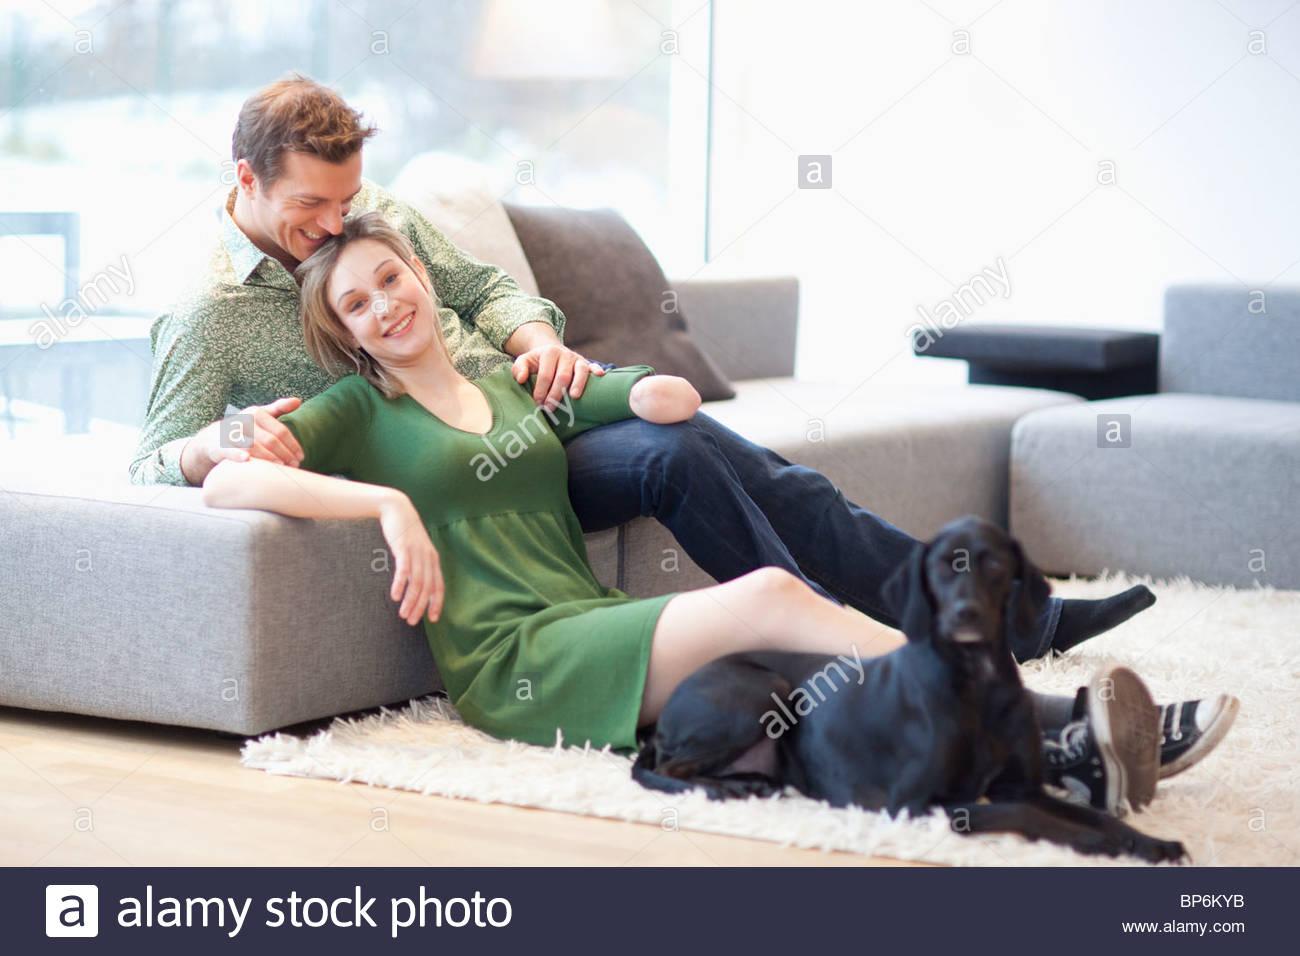 Jeune couple assis dans la salle de séjour avec chien, femme avec bras amputé Photo Stock